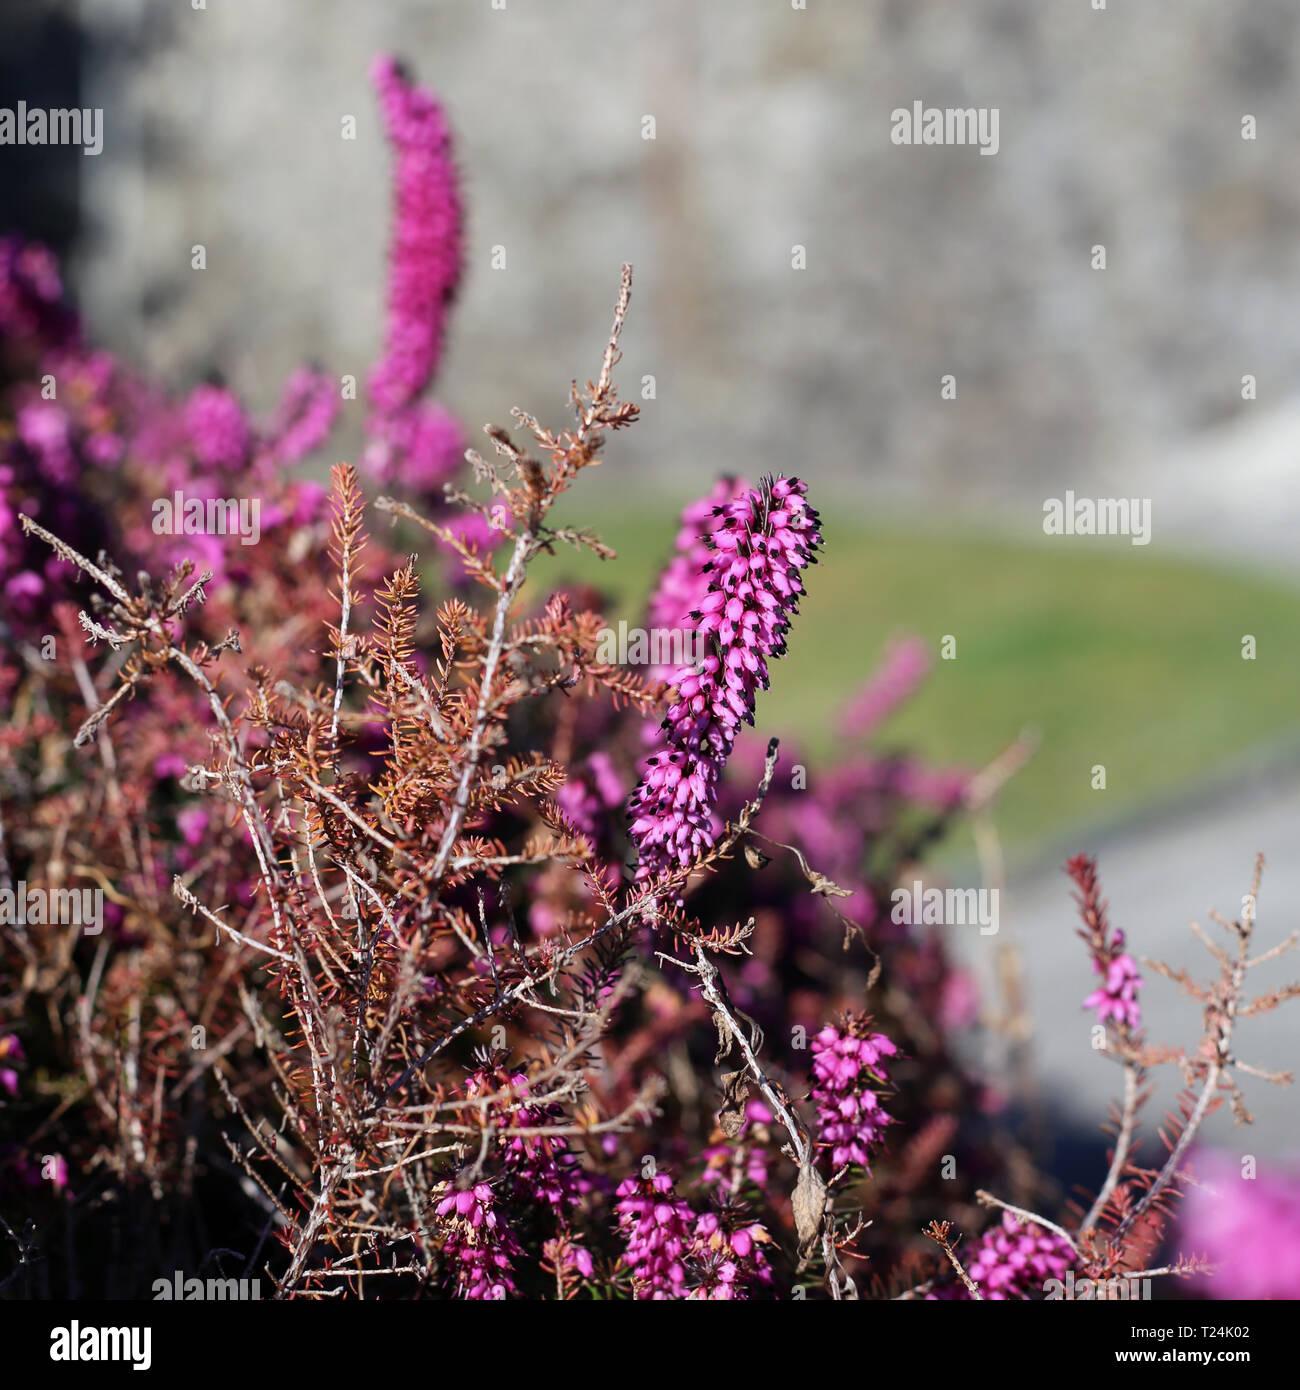 Violett Rosa Lavendel Blumen In Nyon Schweiz Während Ein Sonniger